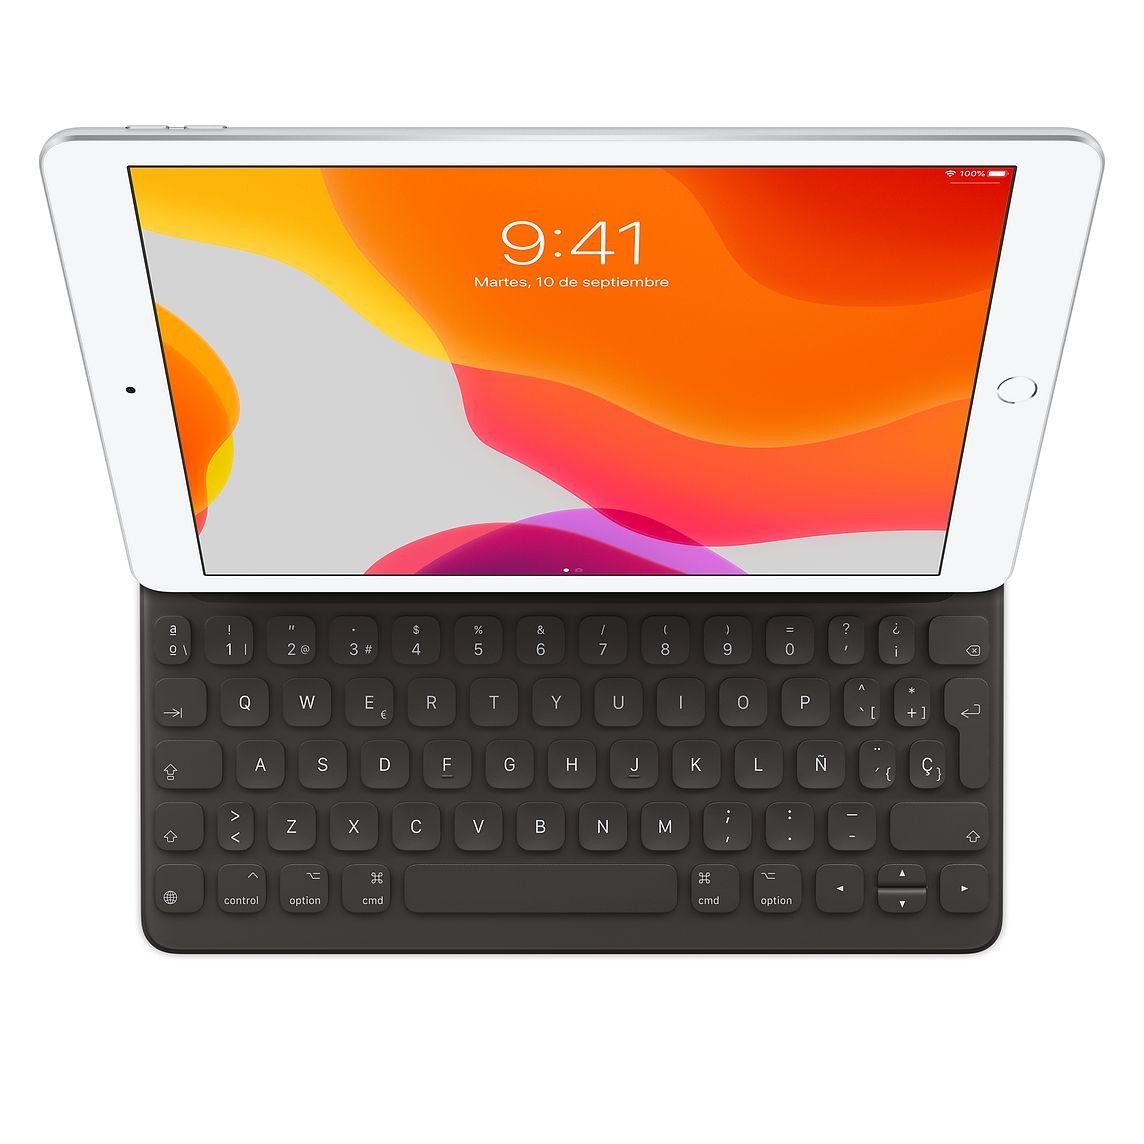 Smart Keyboard para el iPad (7.a generación) y el iPad Air (3.a generación) - Español